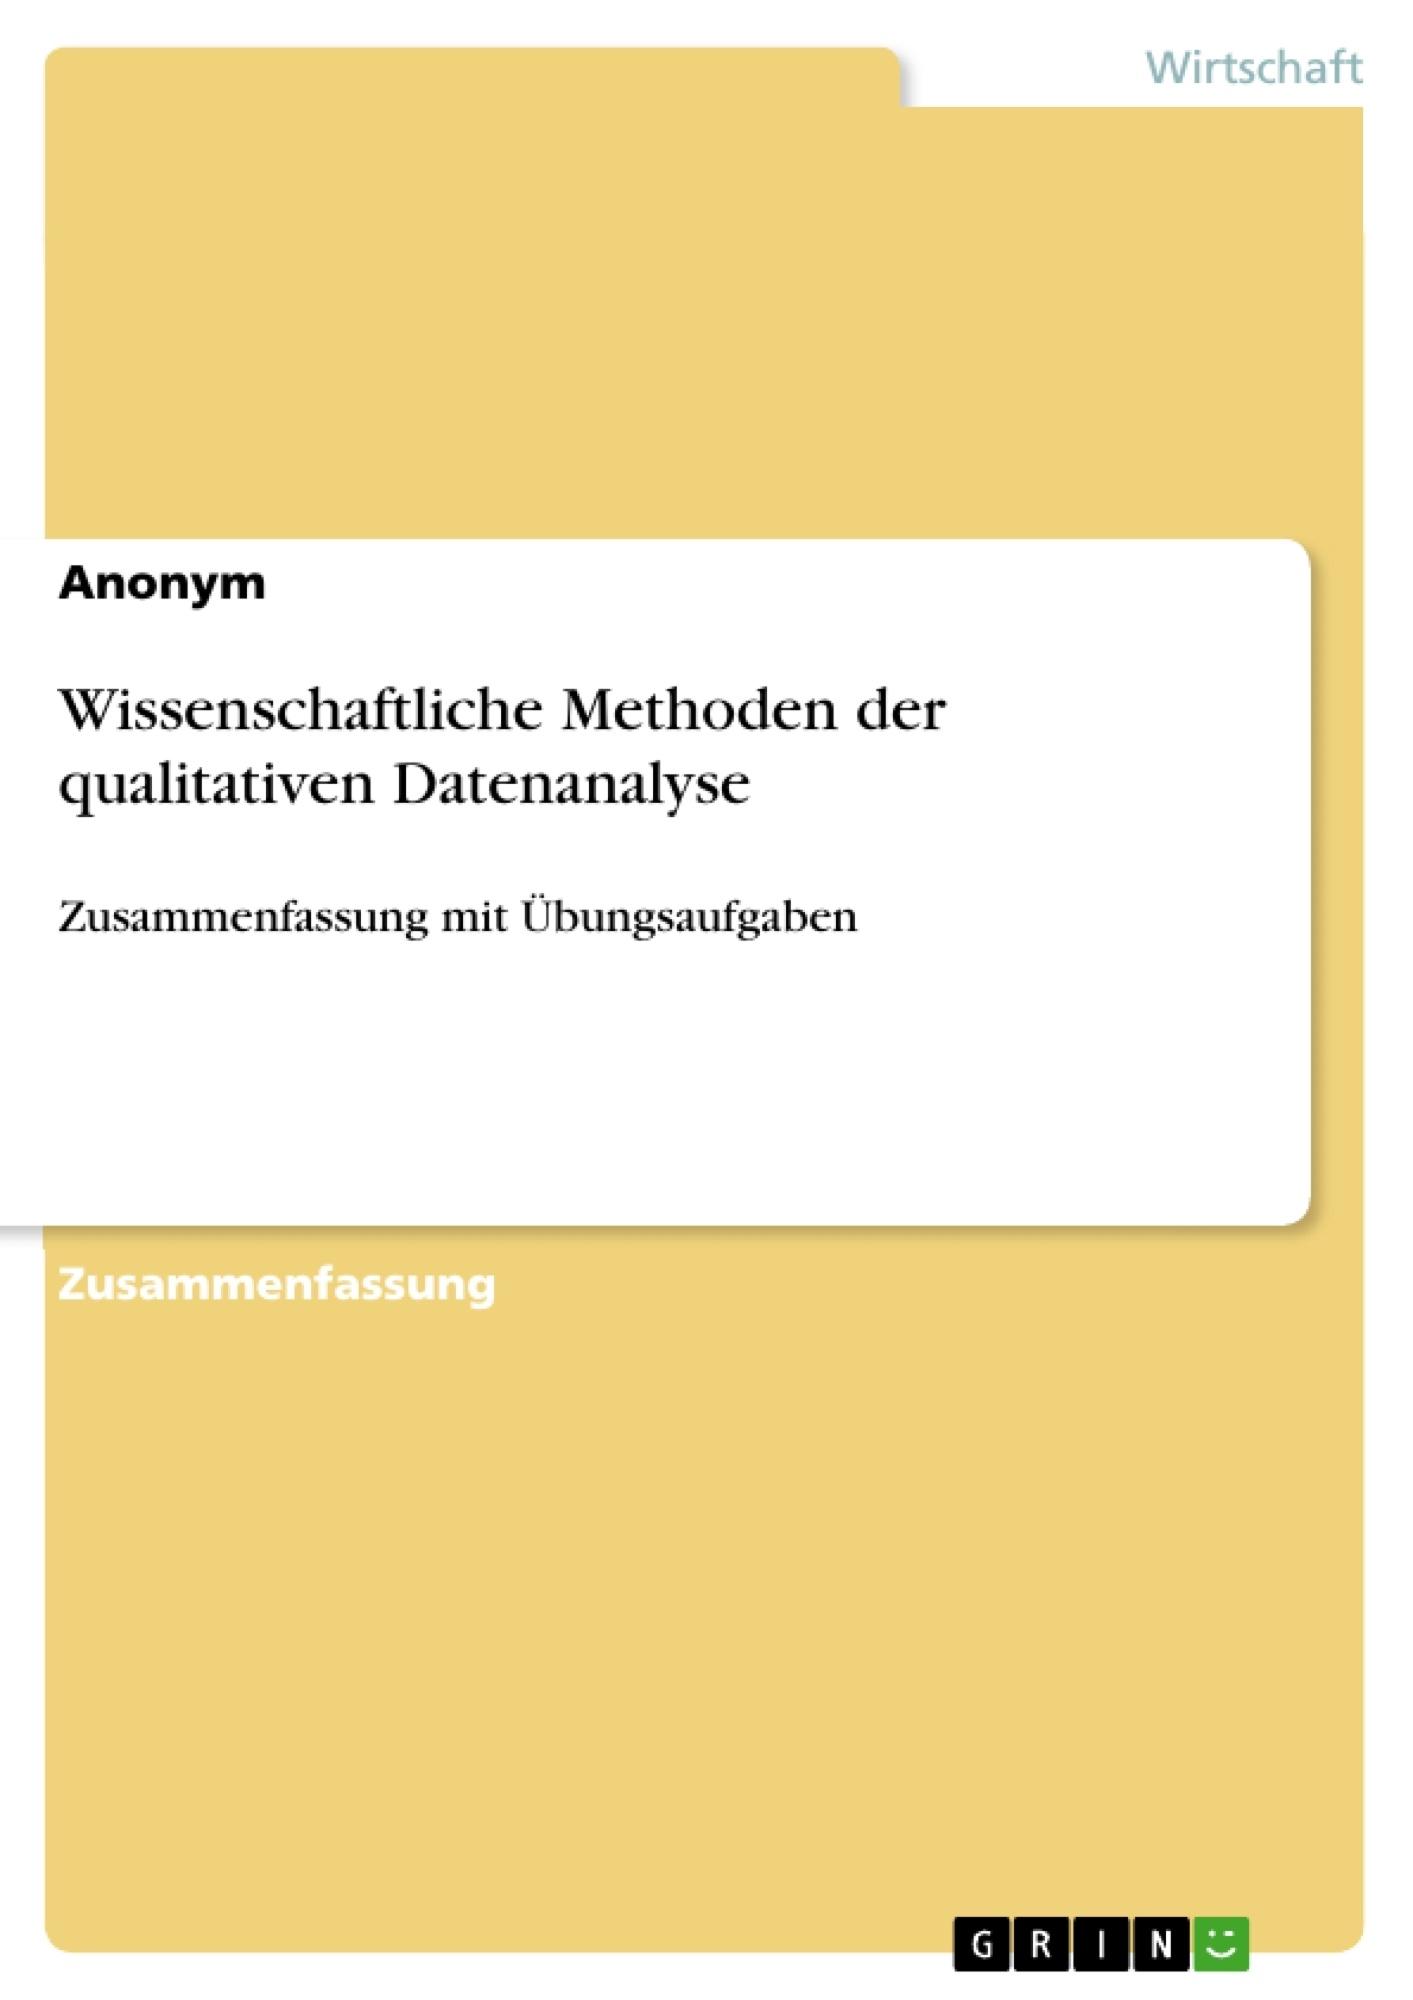 Titel: Wissenschaftliche Methoden der qualitativen Datenanalyse